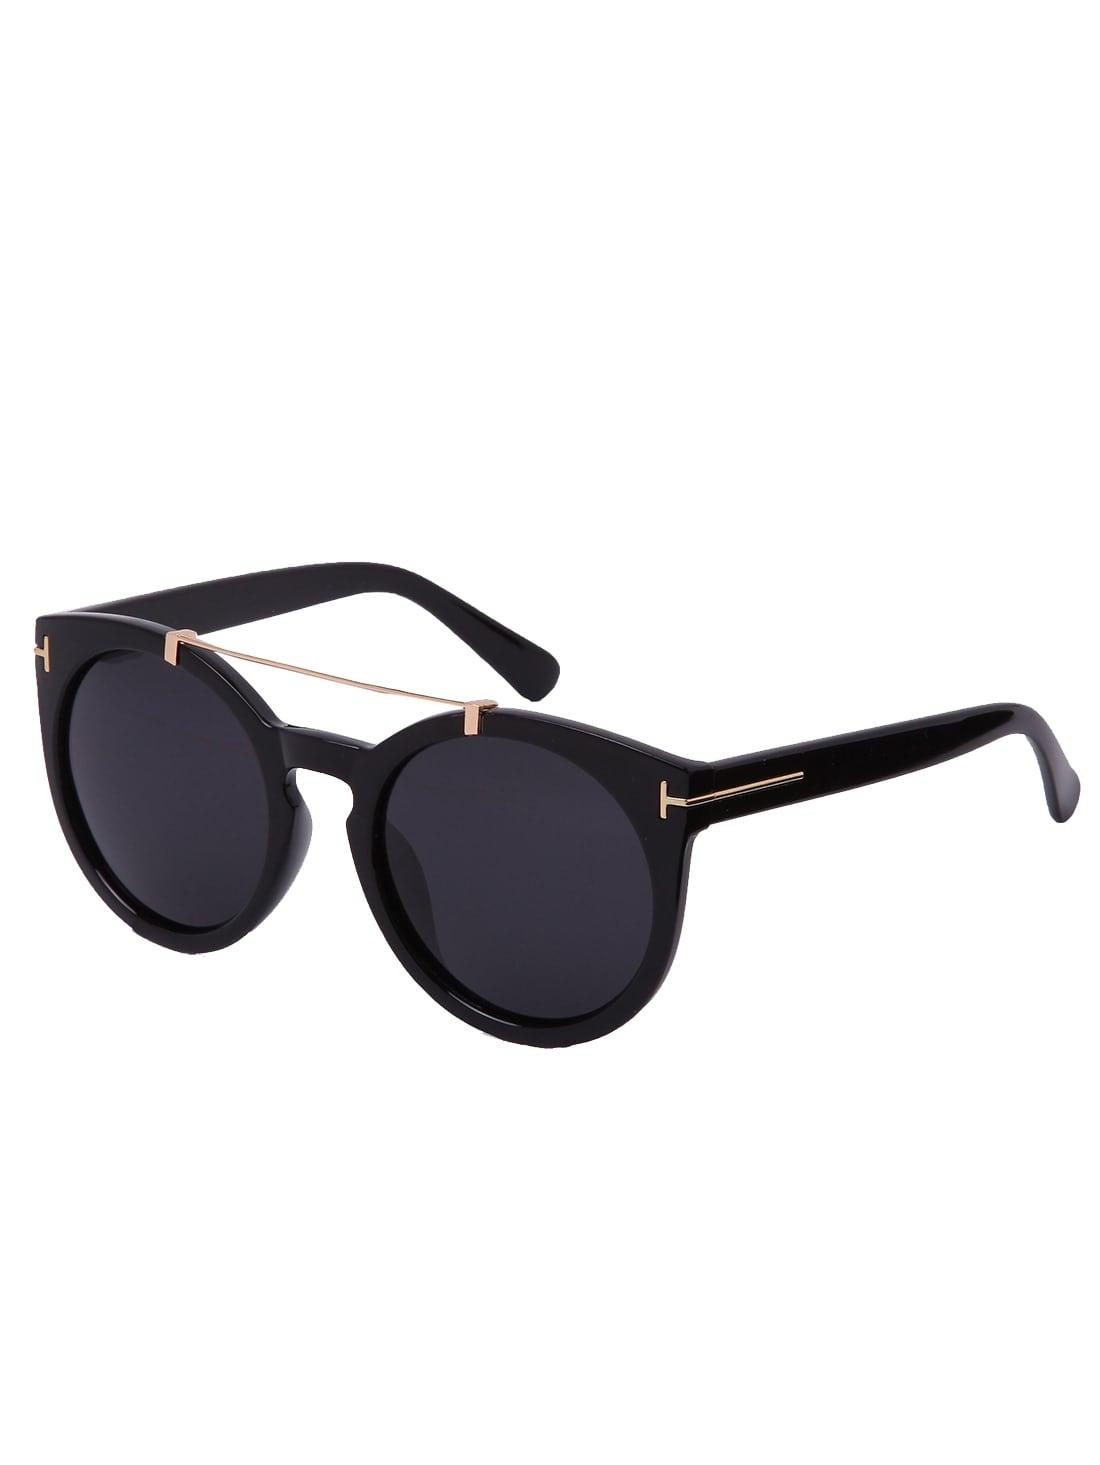 Фото Black Lenses Top Bar Oversized Round Sunglasses. Купить с доставкой